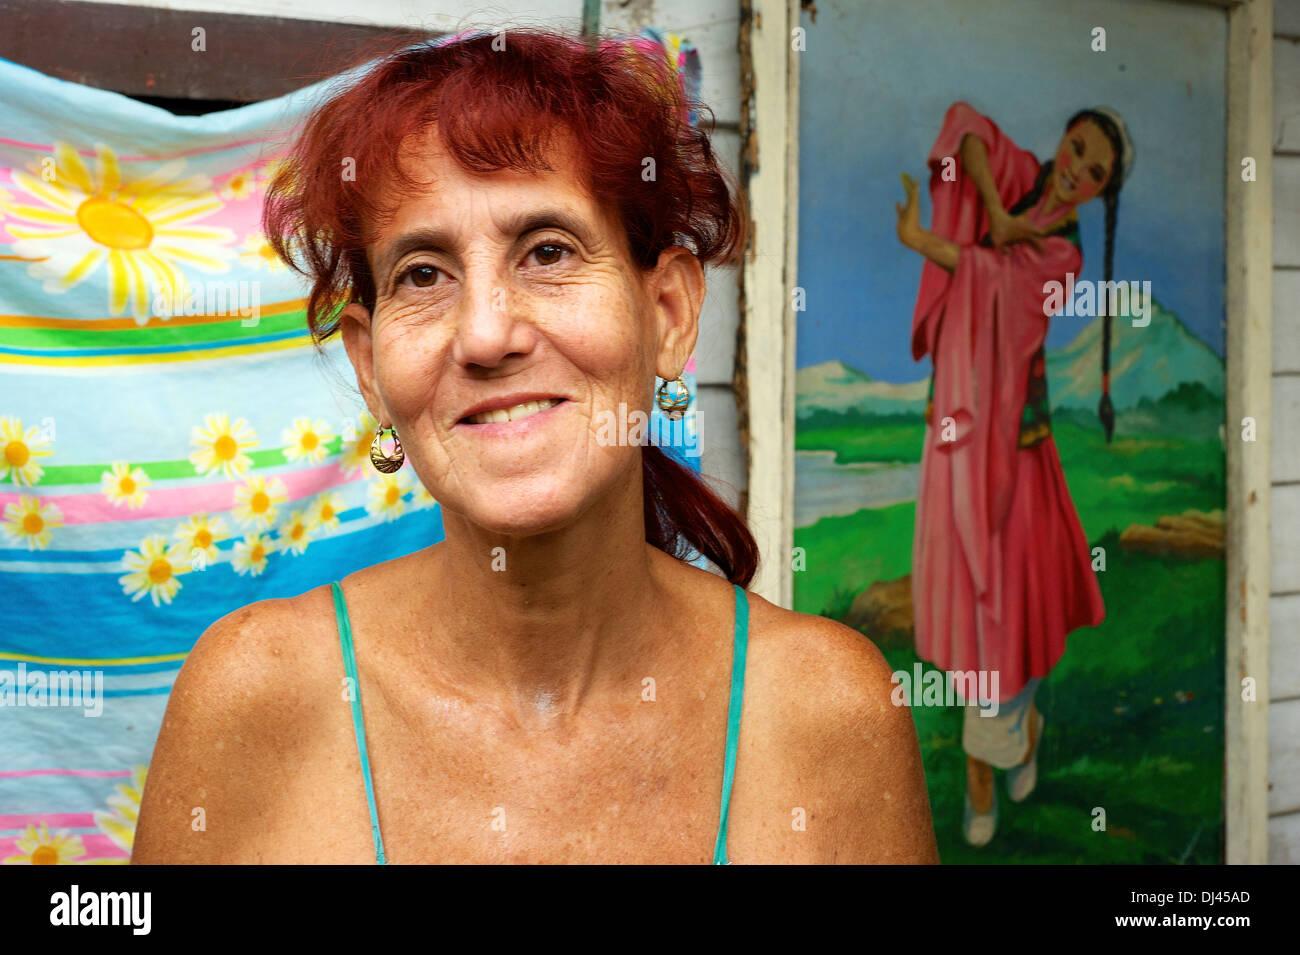 Kubanische Frau chinesischer Abstammung Stockbild